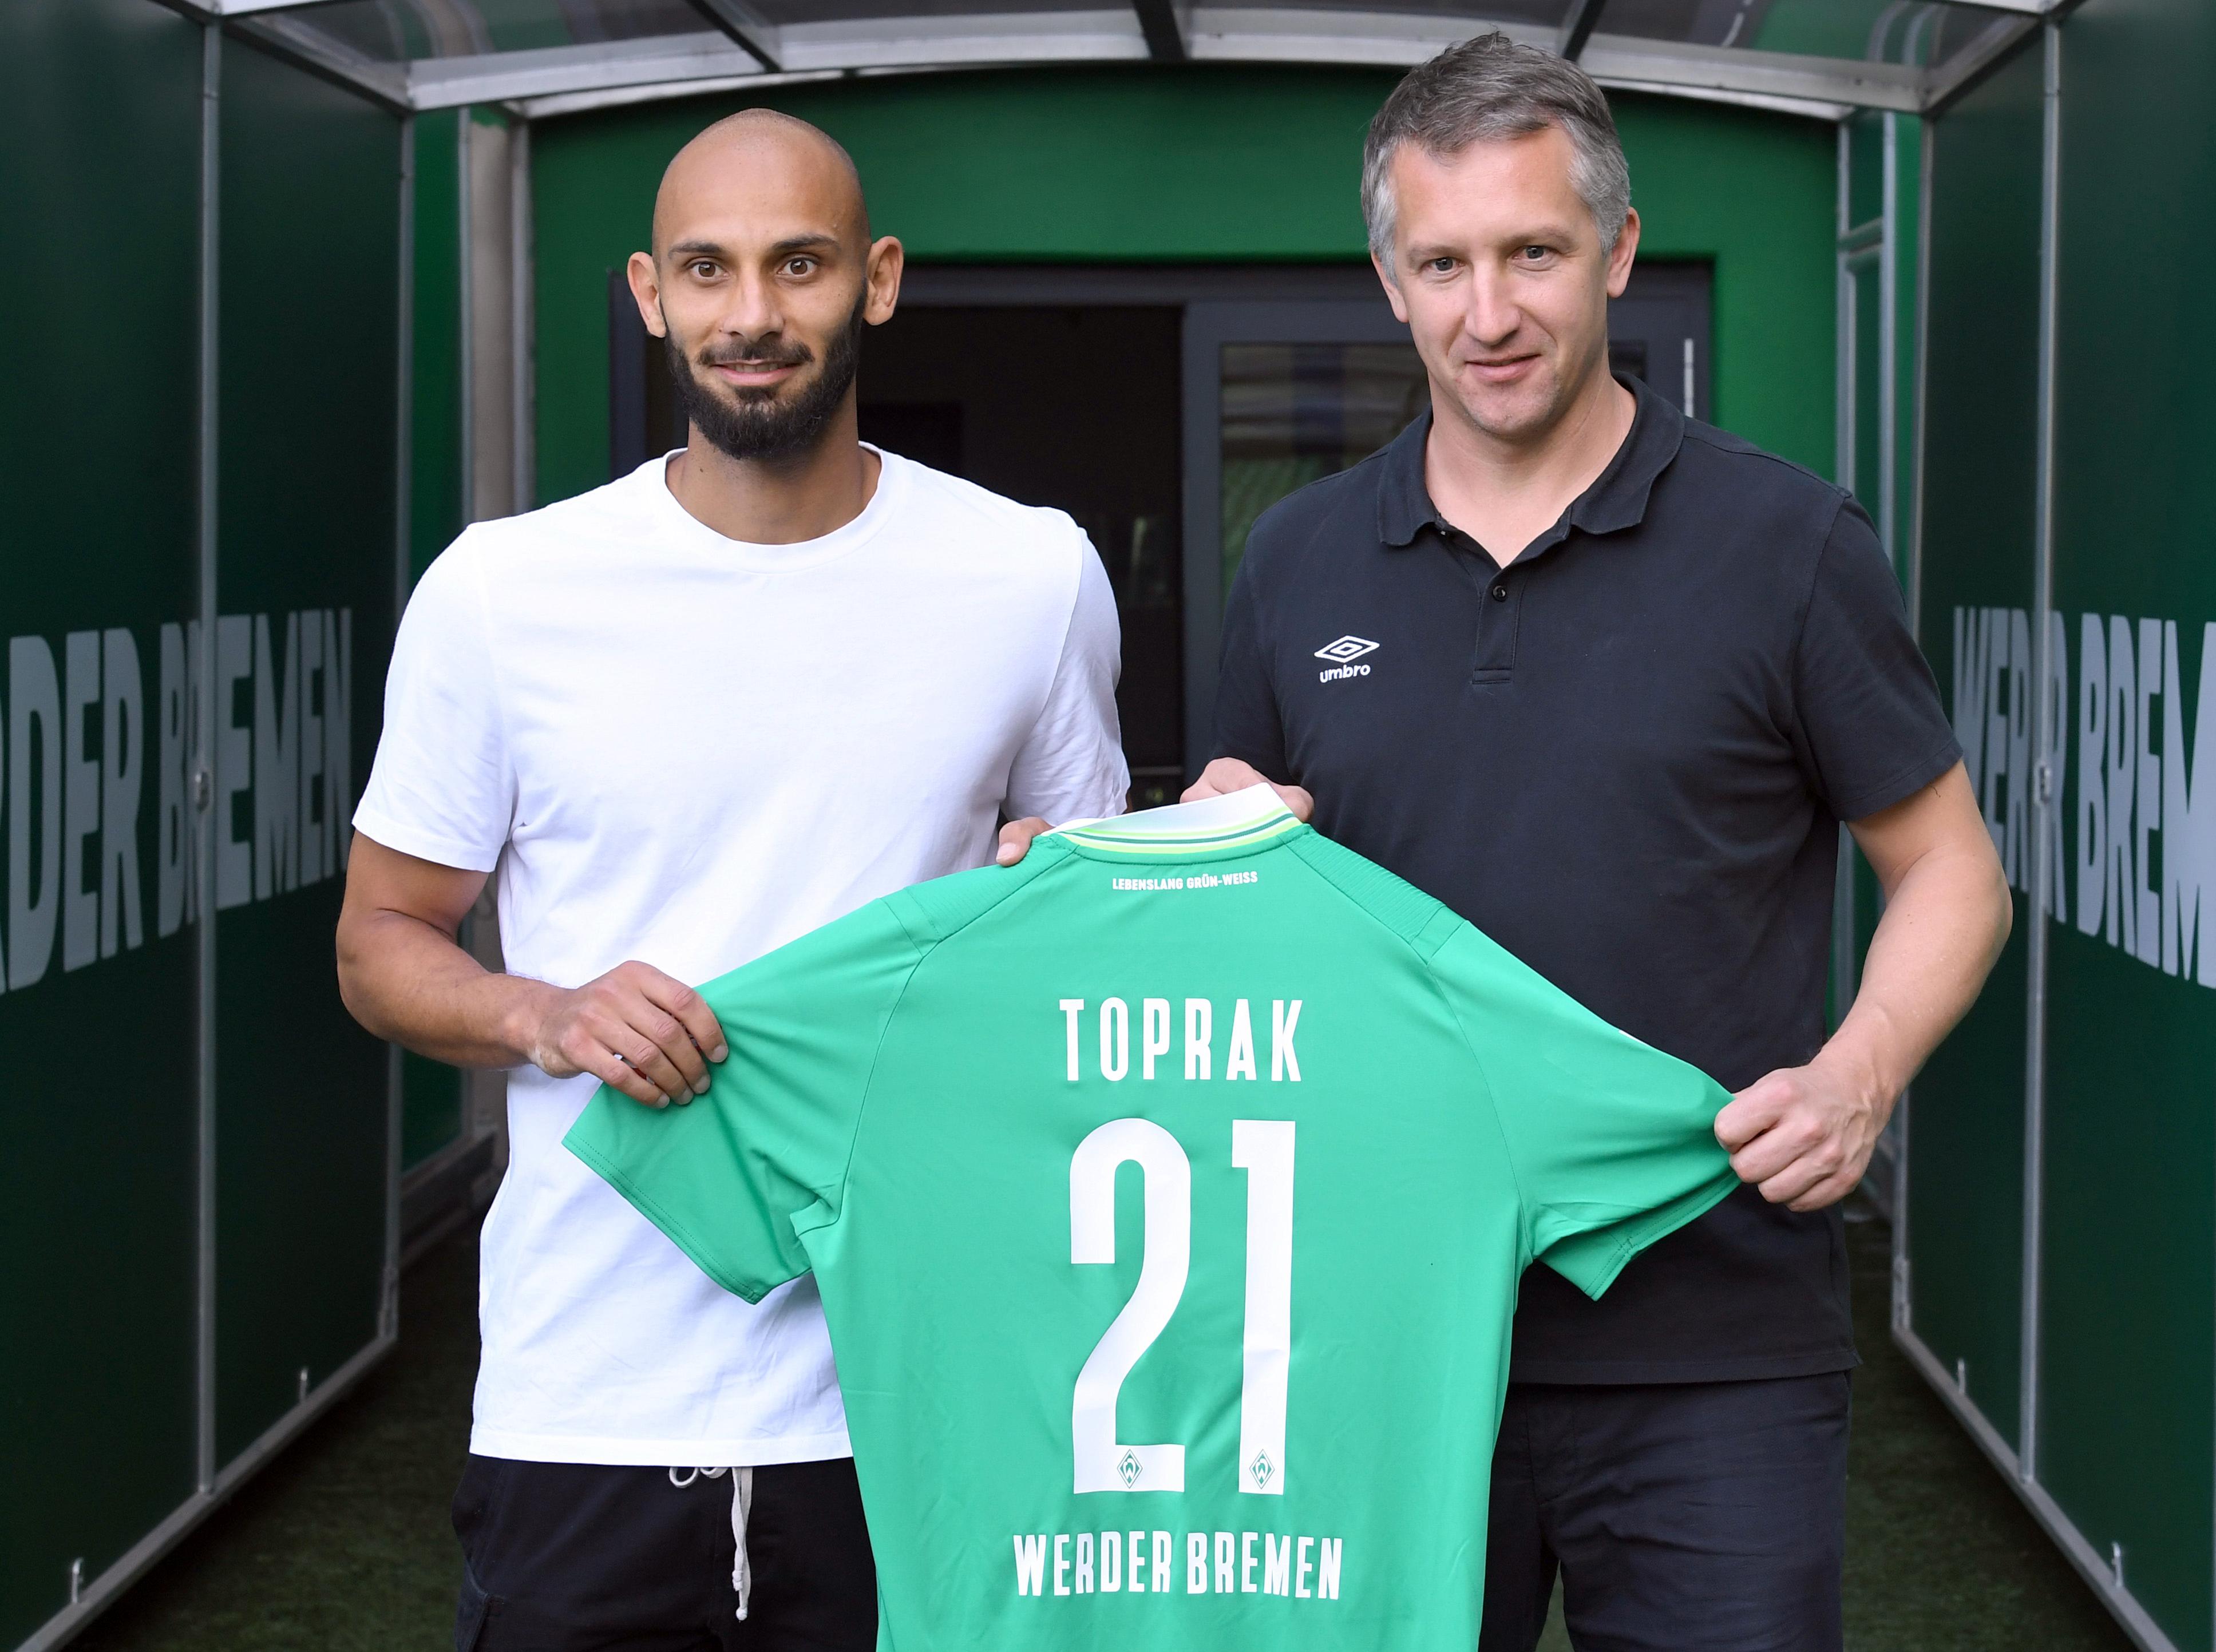 Werder Bremen presents newcomer Toprak